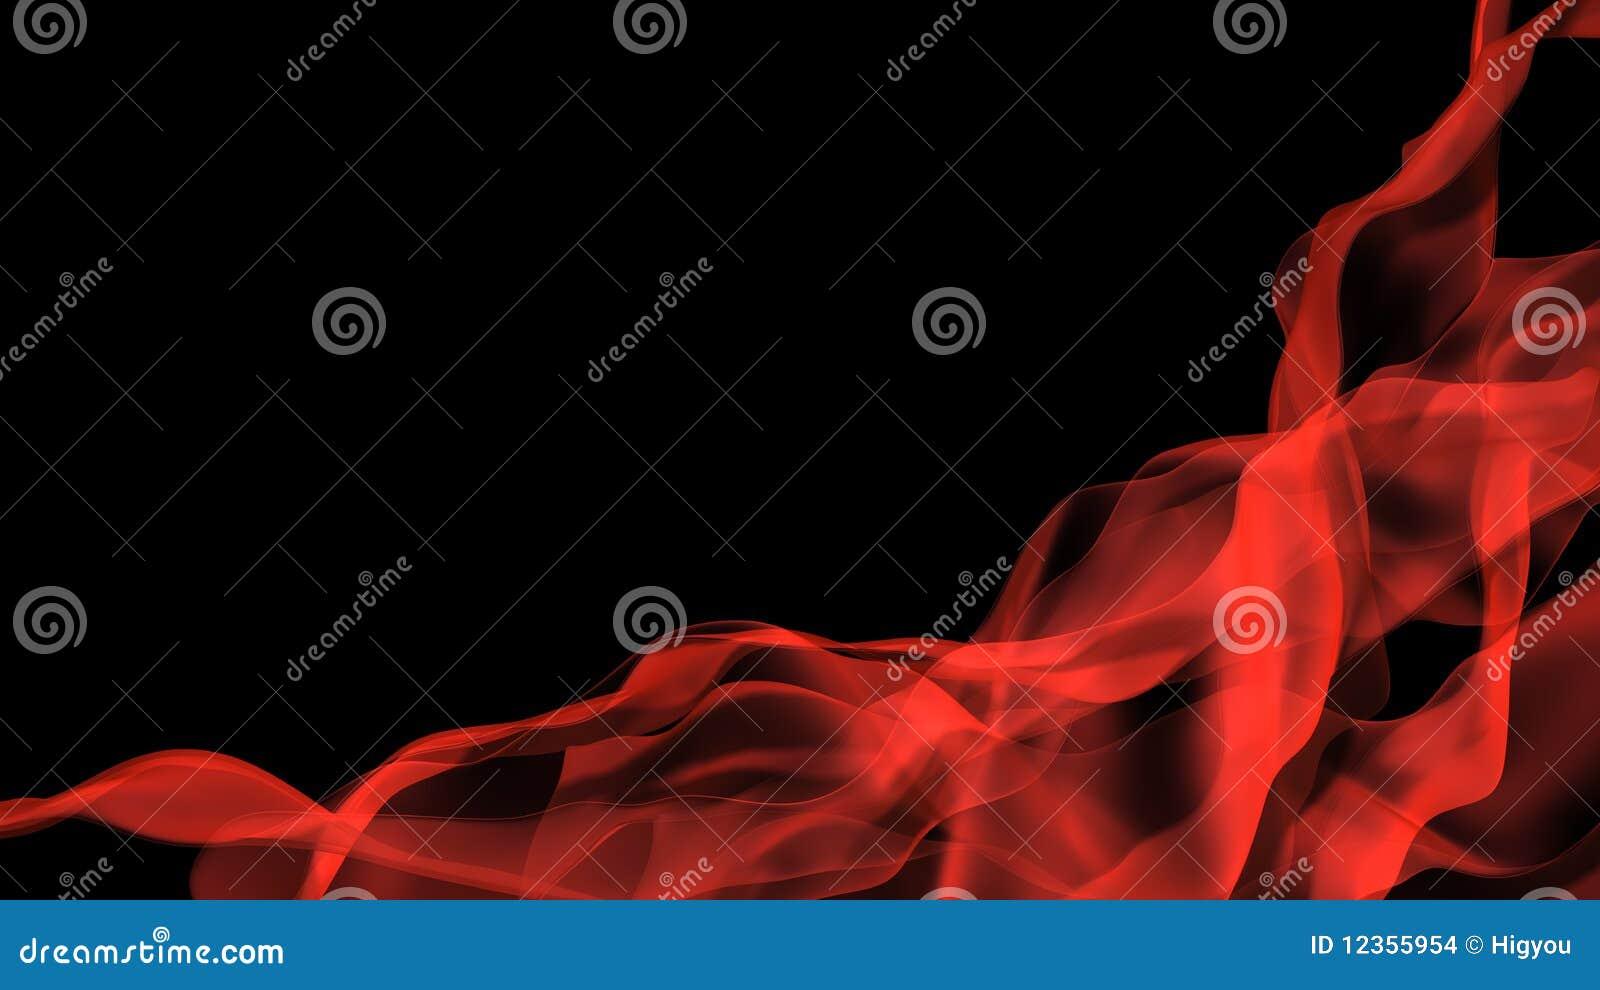 1300 x 821 · 90 kB · jpeg, Humo-rojo-horizontal-12355954.jpg